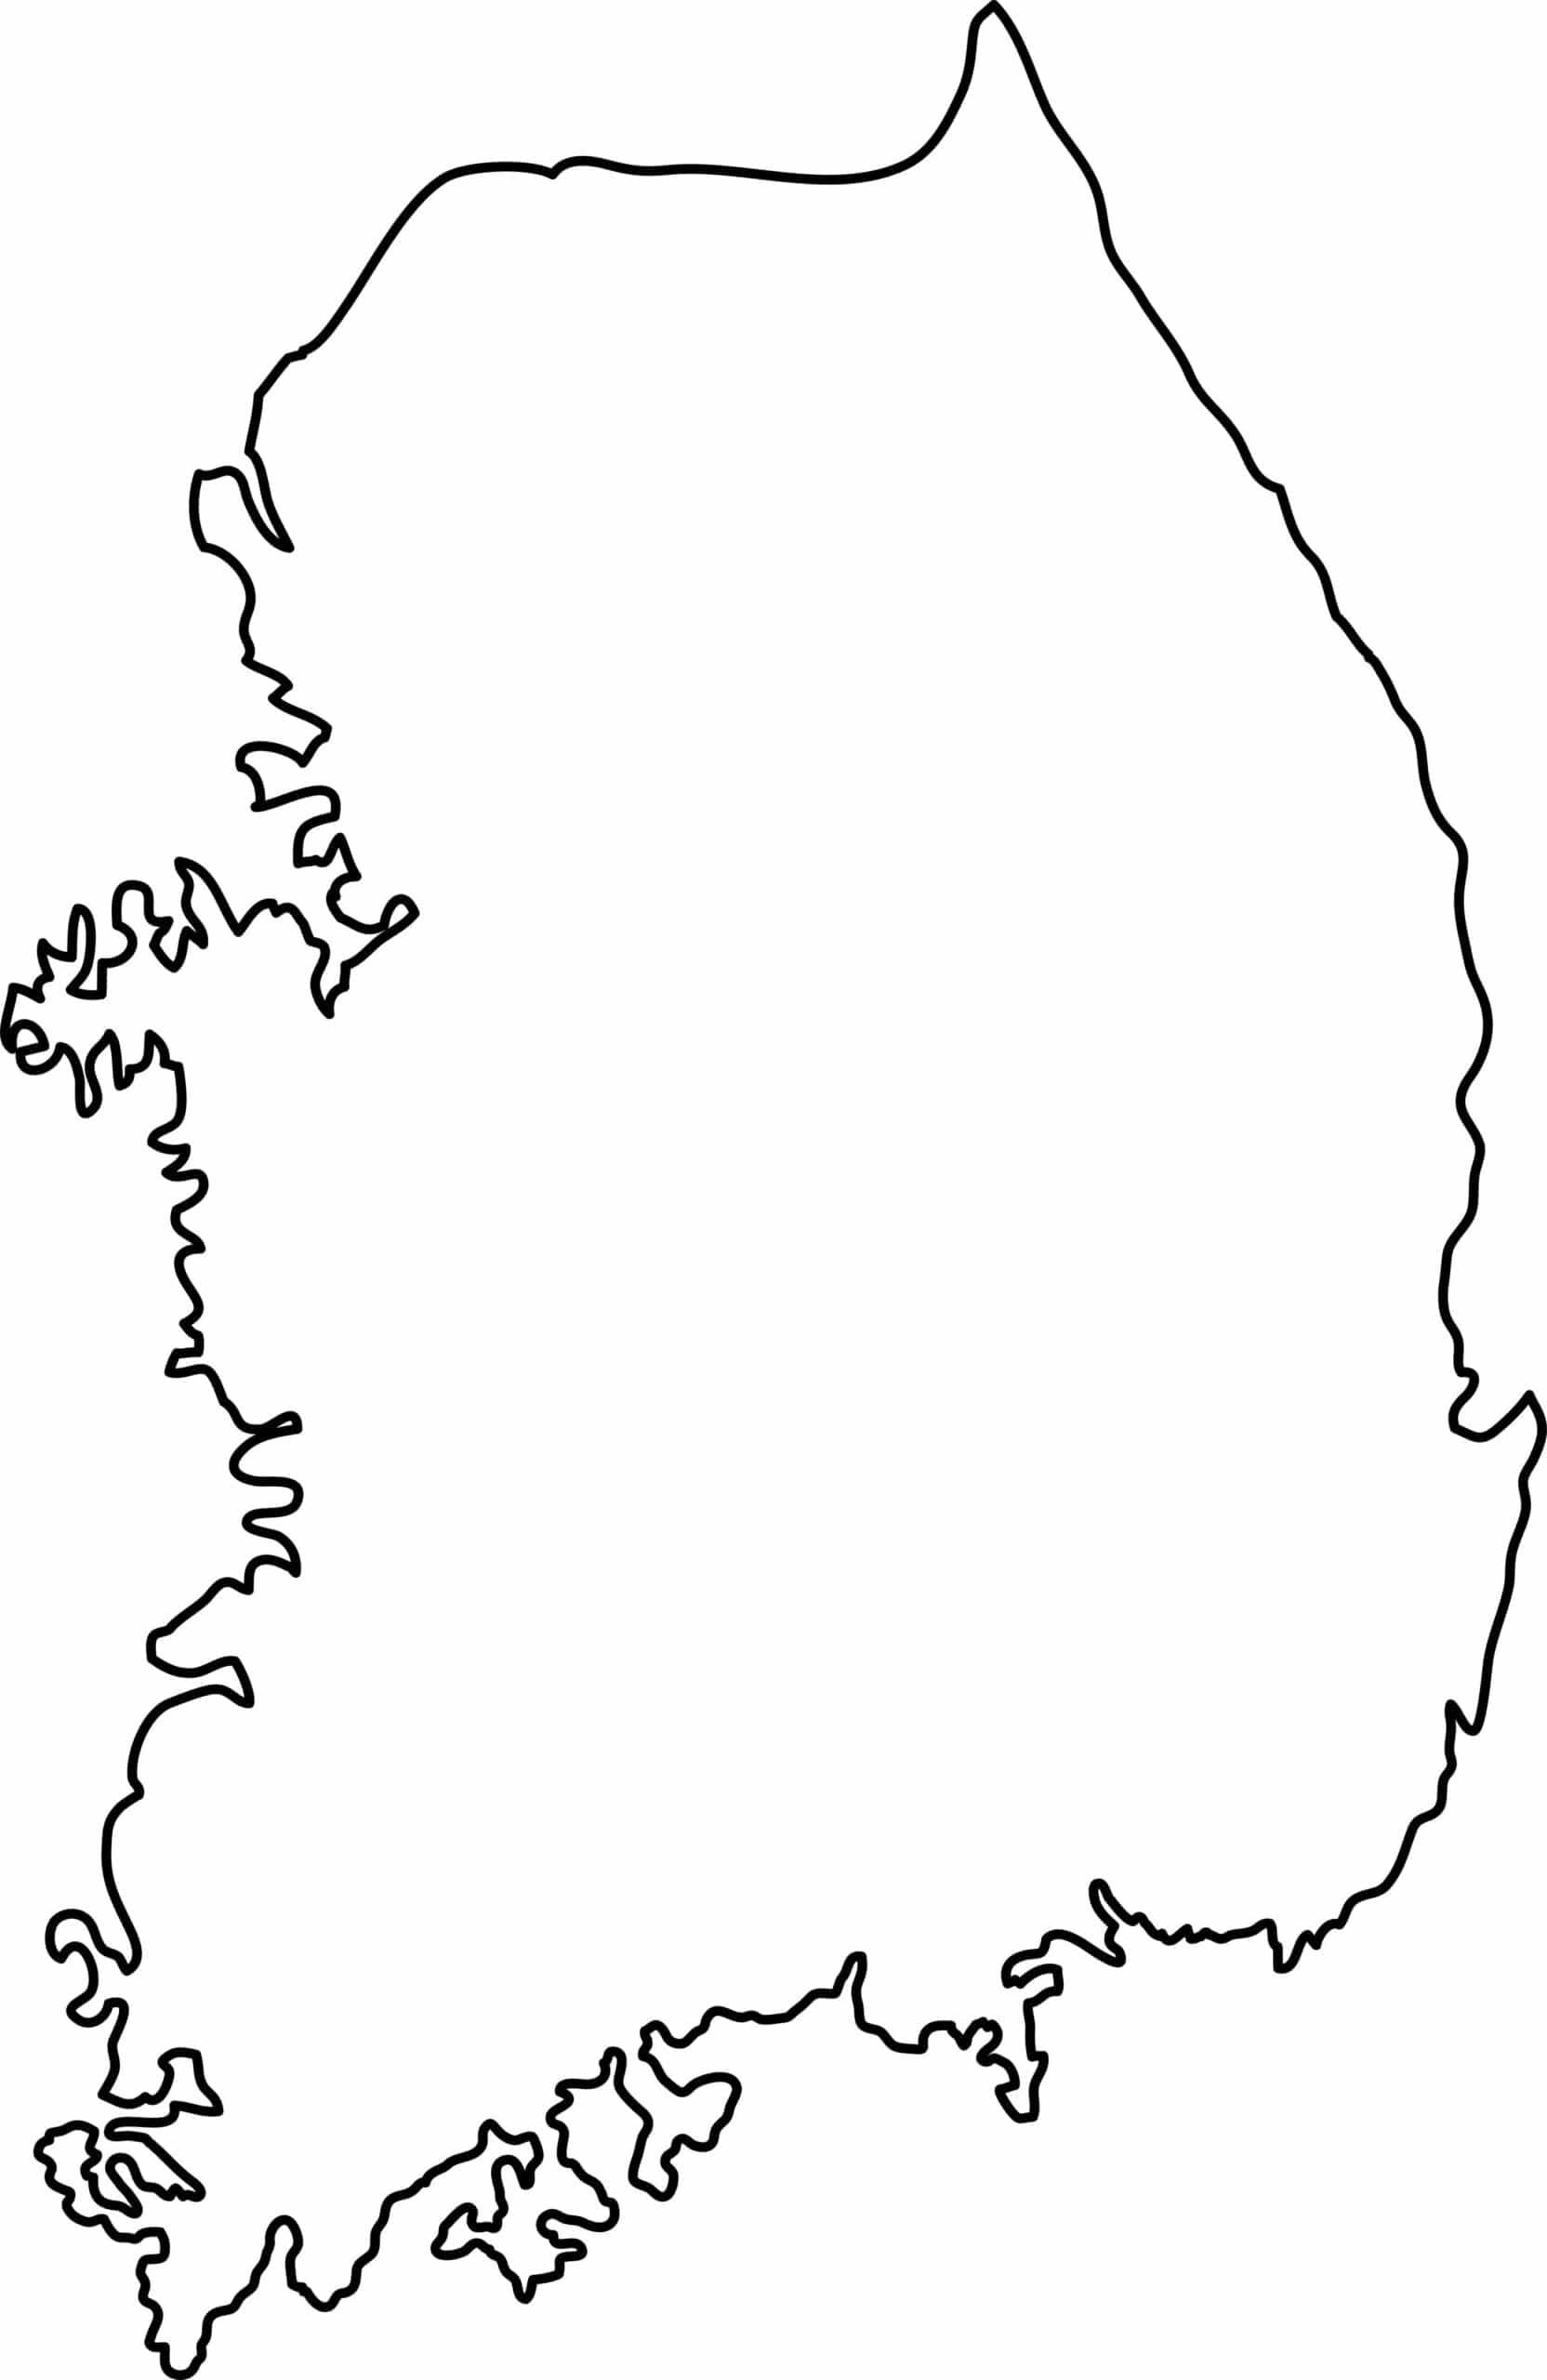 Outline map of South Korea